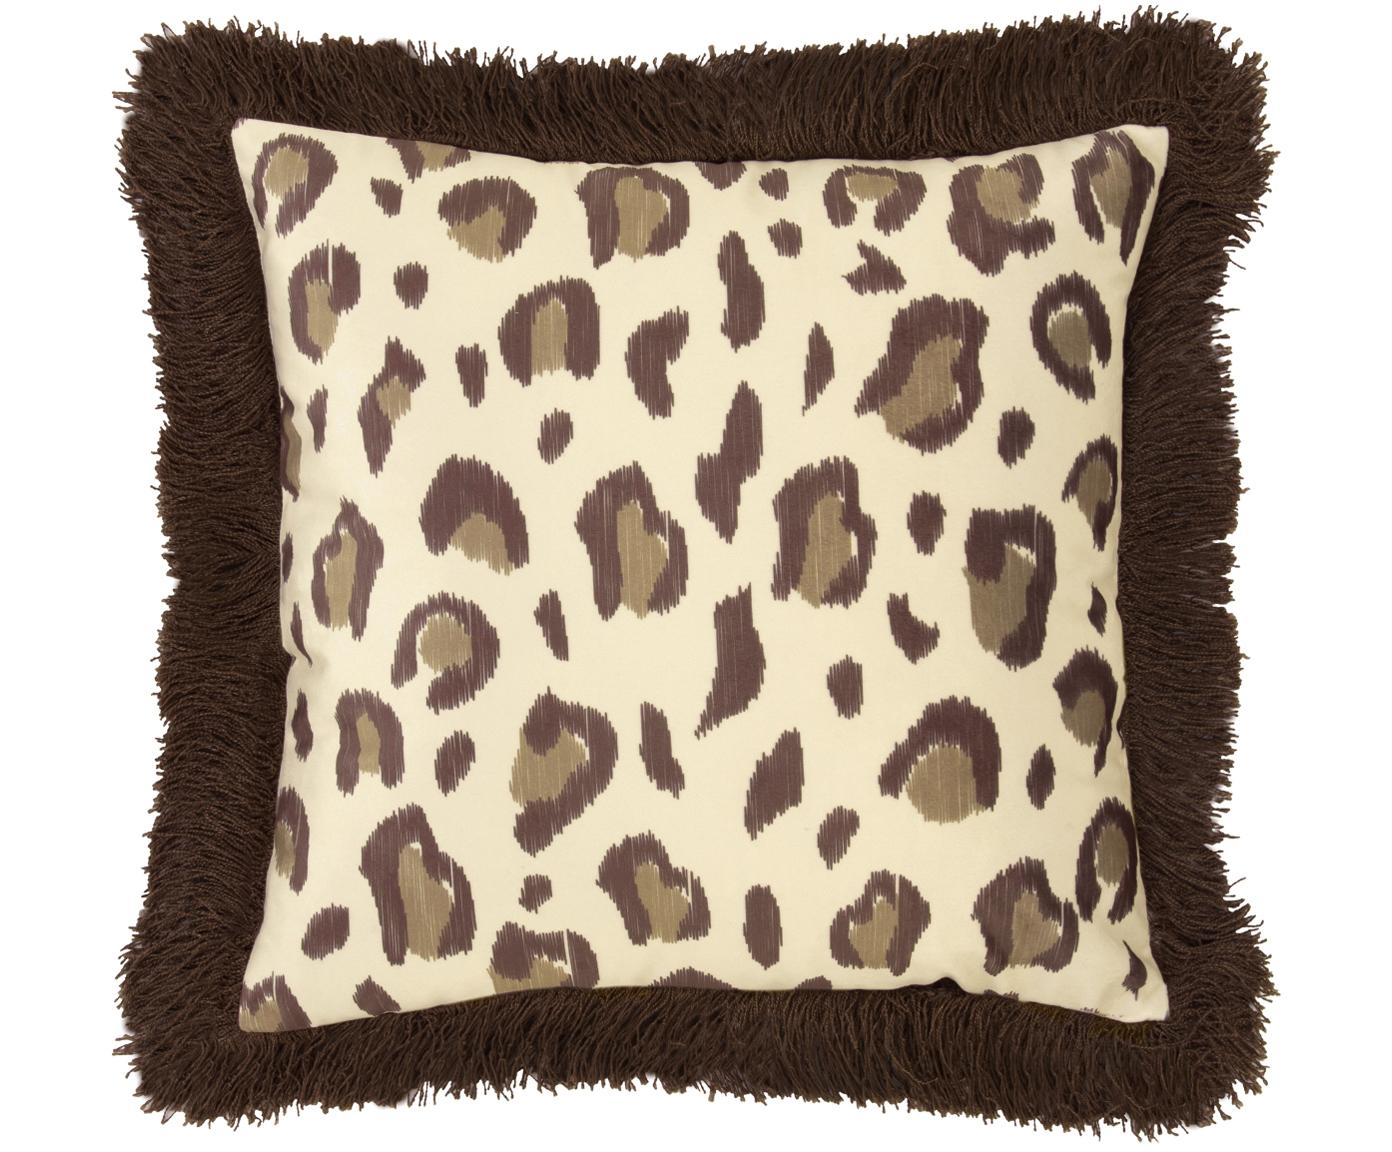 Samt-Kissenhülle Bonzo mit Leopardenprint und Fransen, Vorderseite: Polyestersamt, Rückseite: Baumwolle, Fransen: Viskose, Beige, Braun, 40 x 40 cm